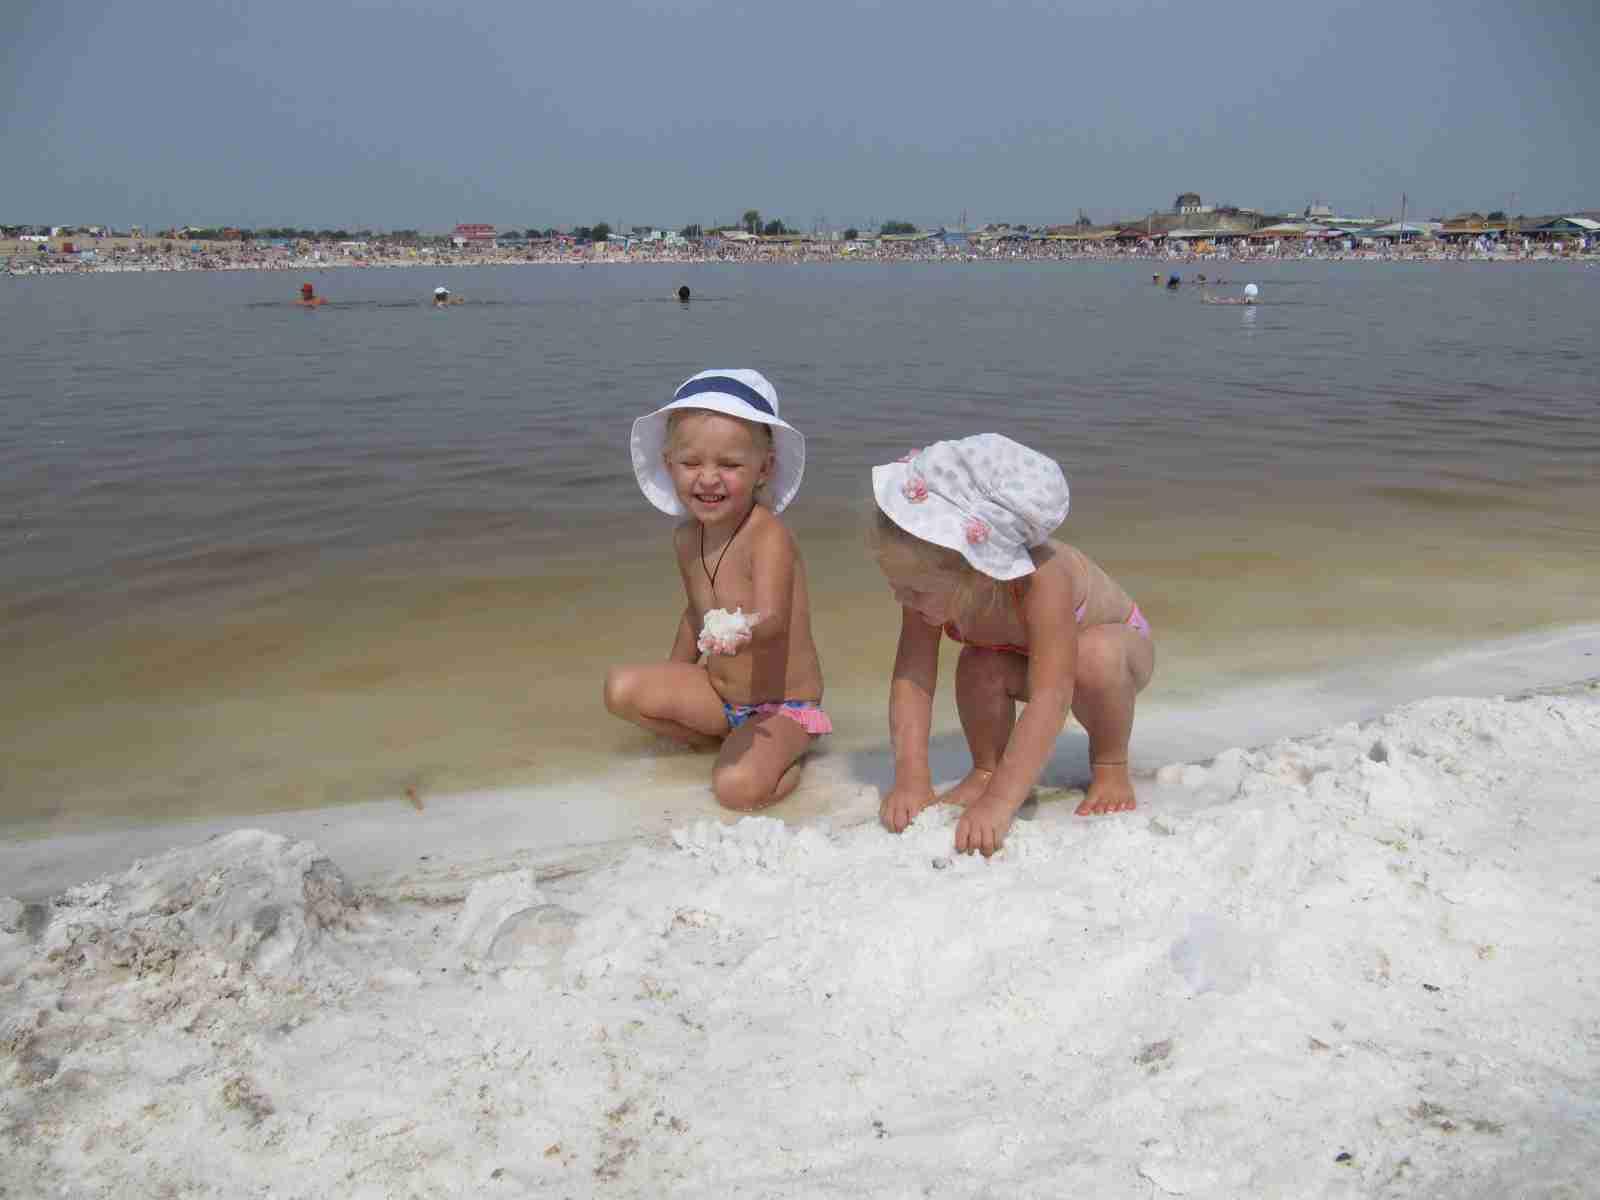 Соль-илецк фото с детьми